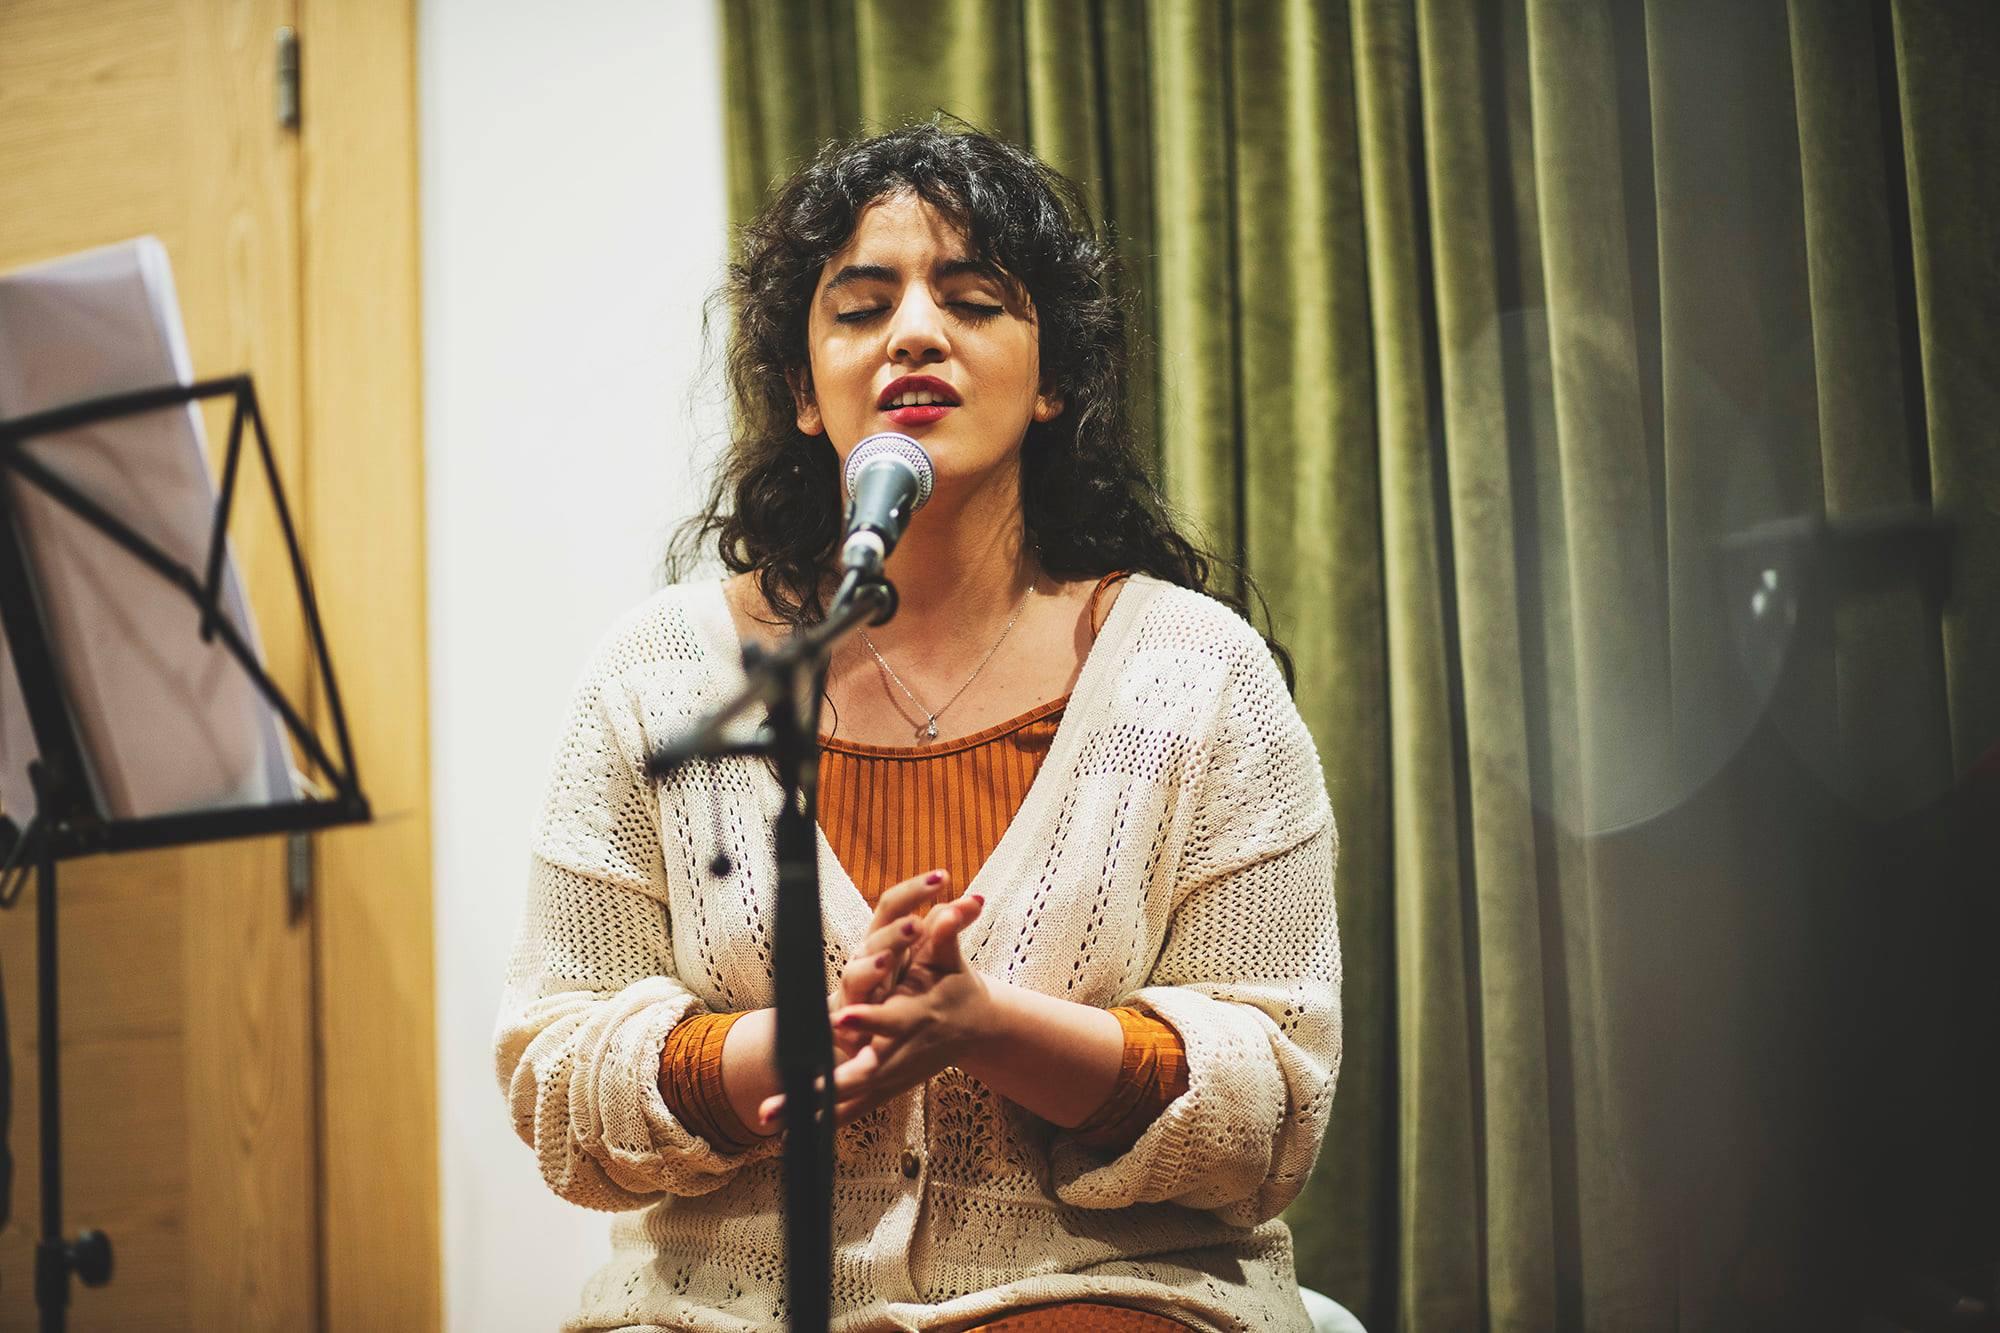 La musique comme moteur de développement durable au Maroc